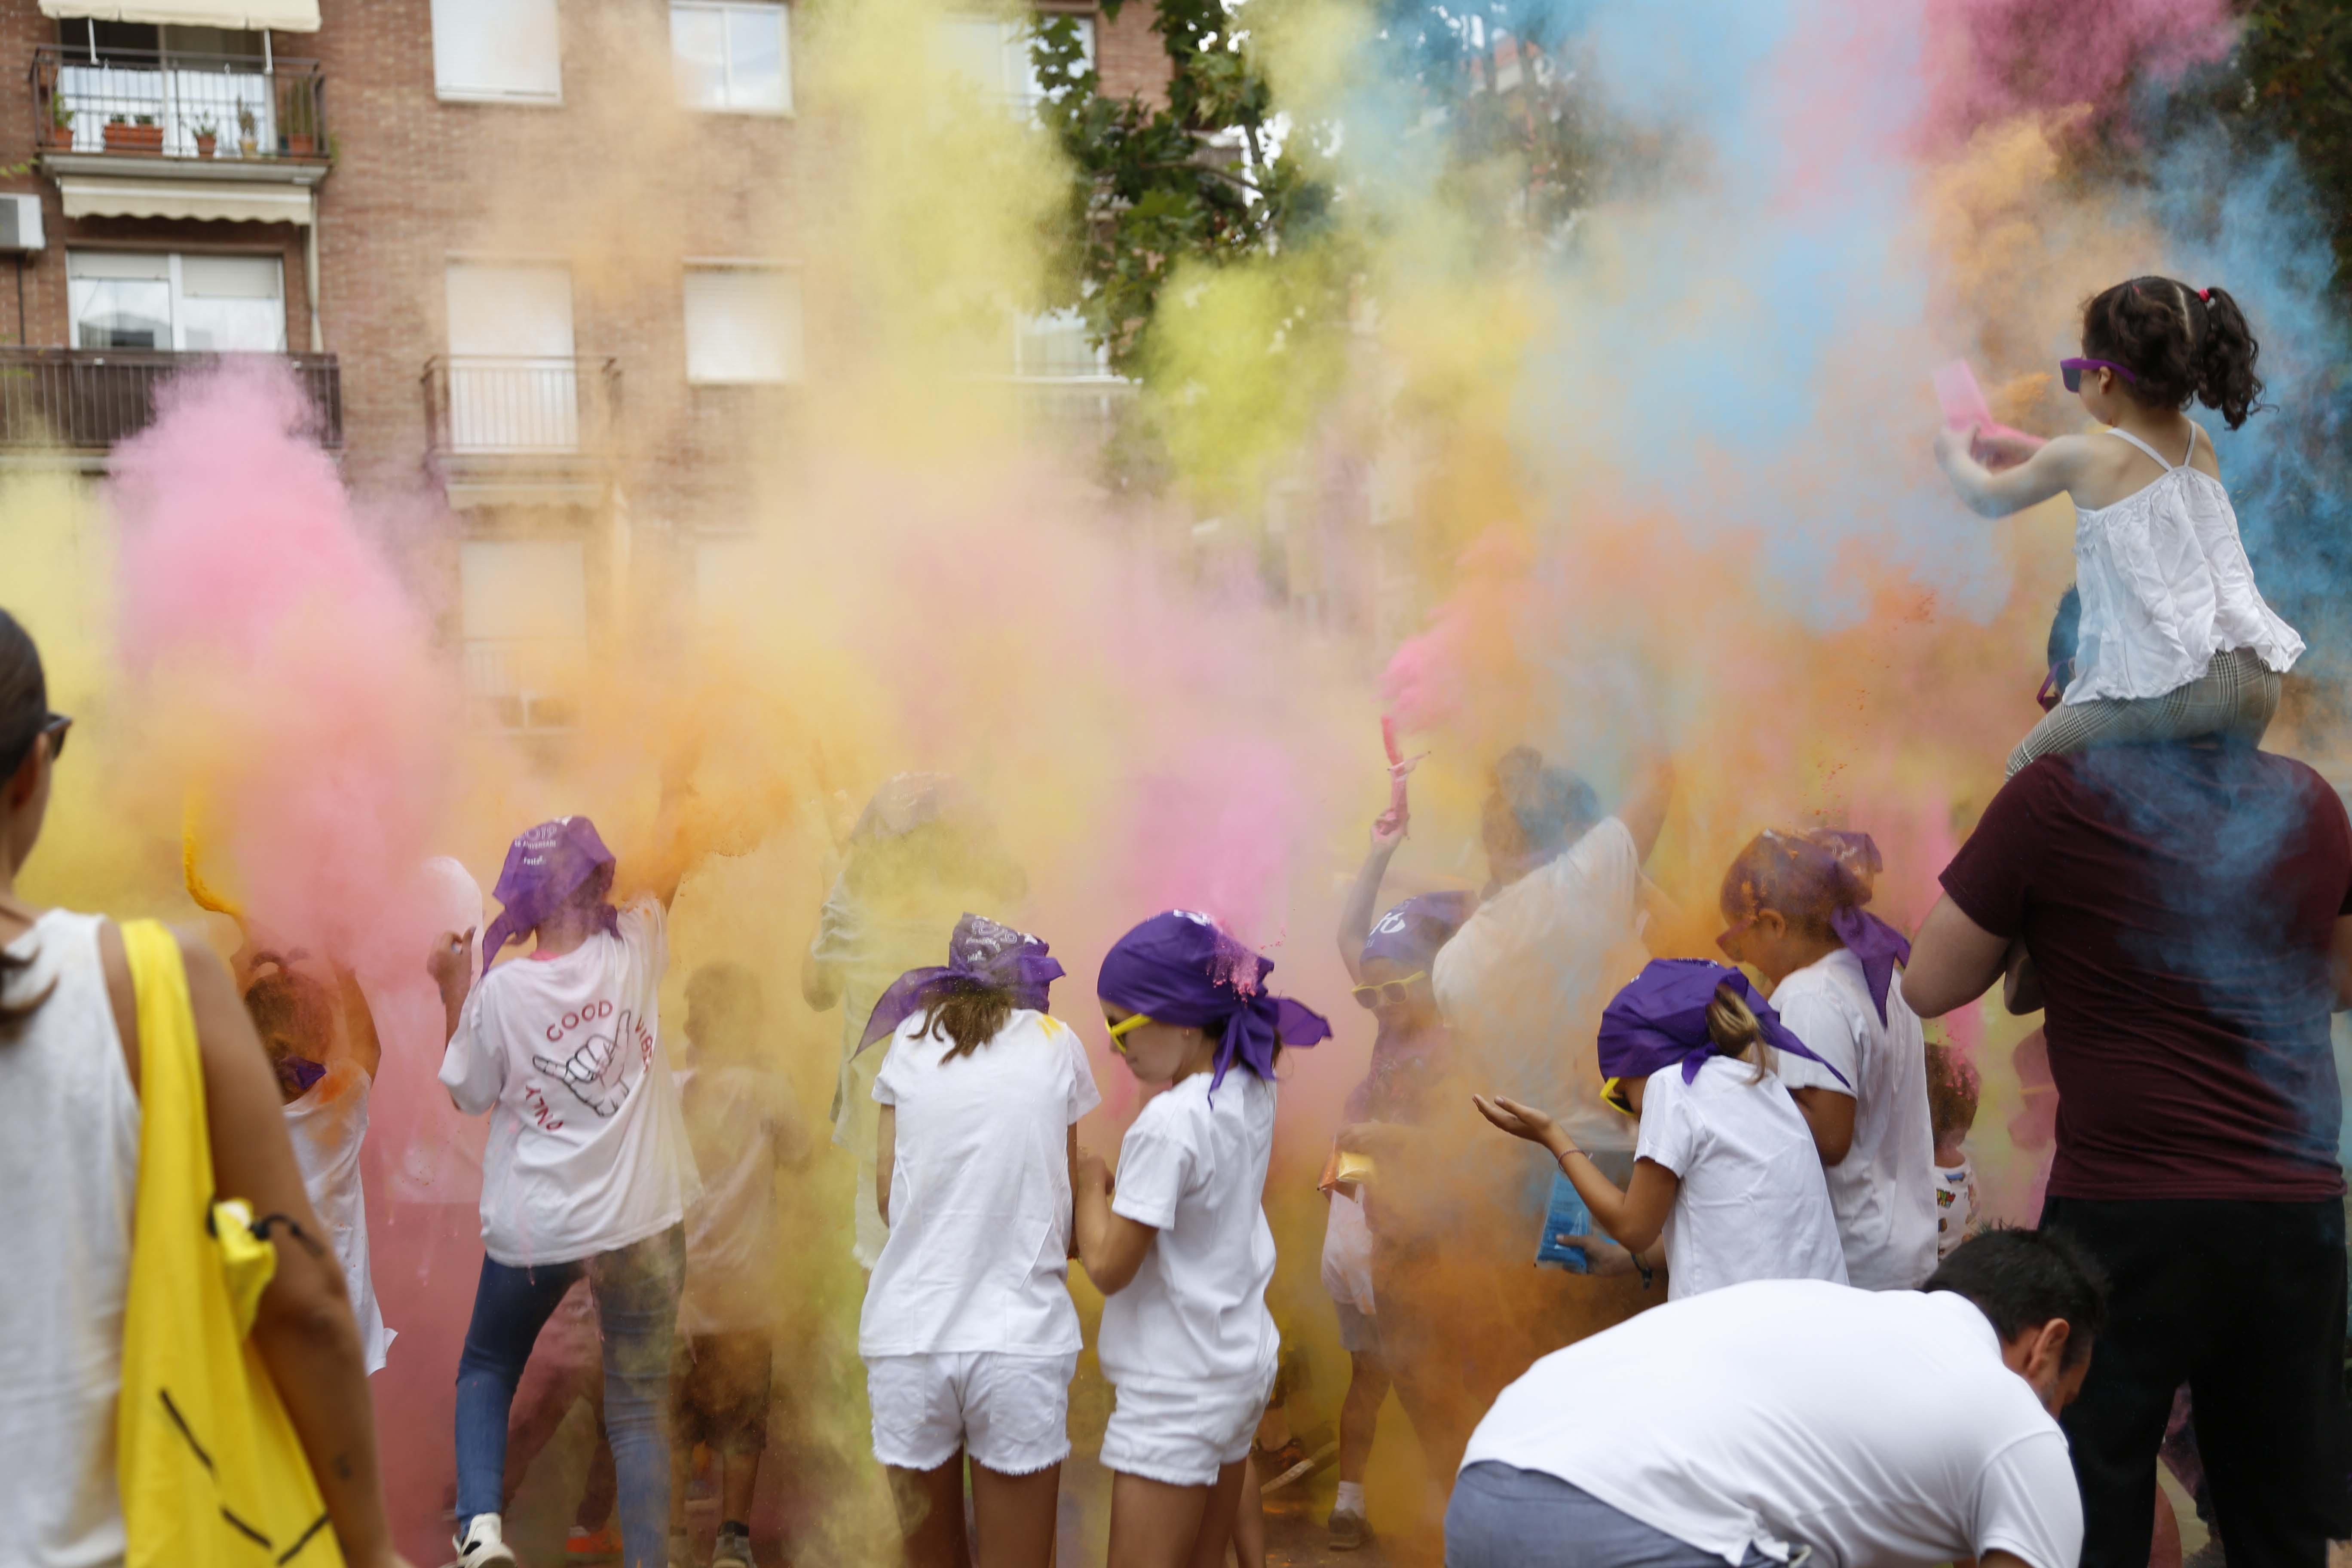 Festa Holi per la Festa Major del barri del Monestir- Sant Francesc 2019. FOTO: Anna Bassa